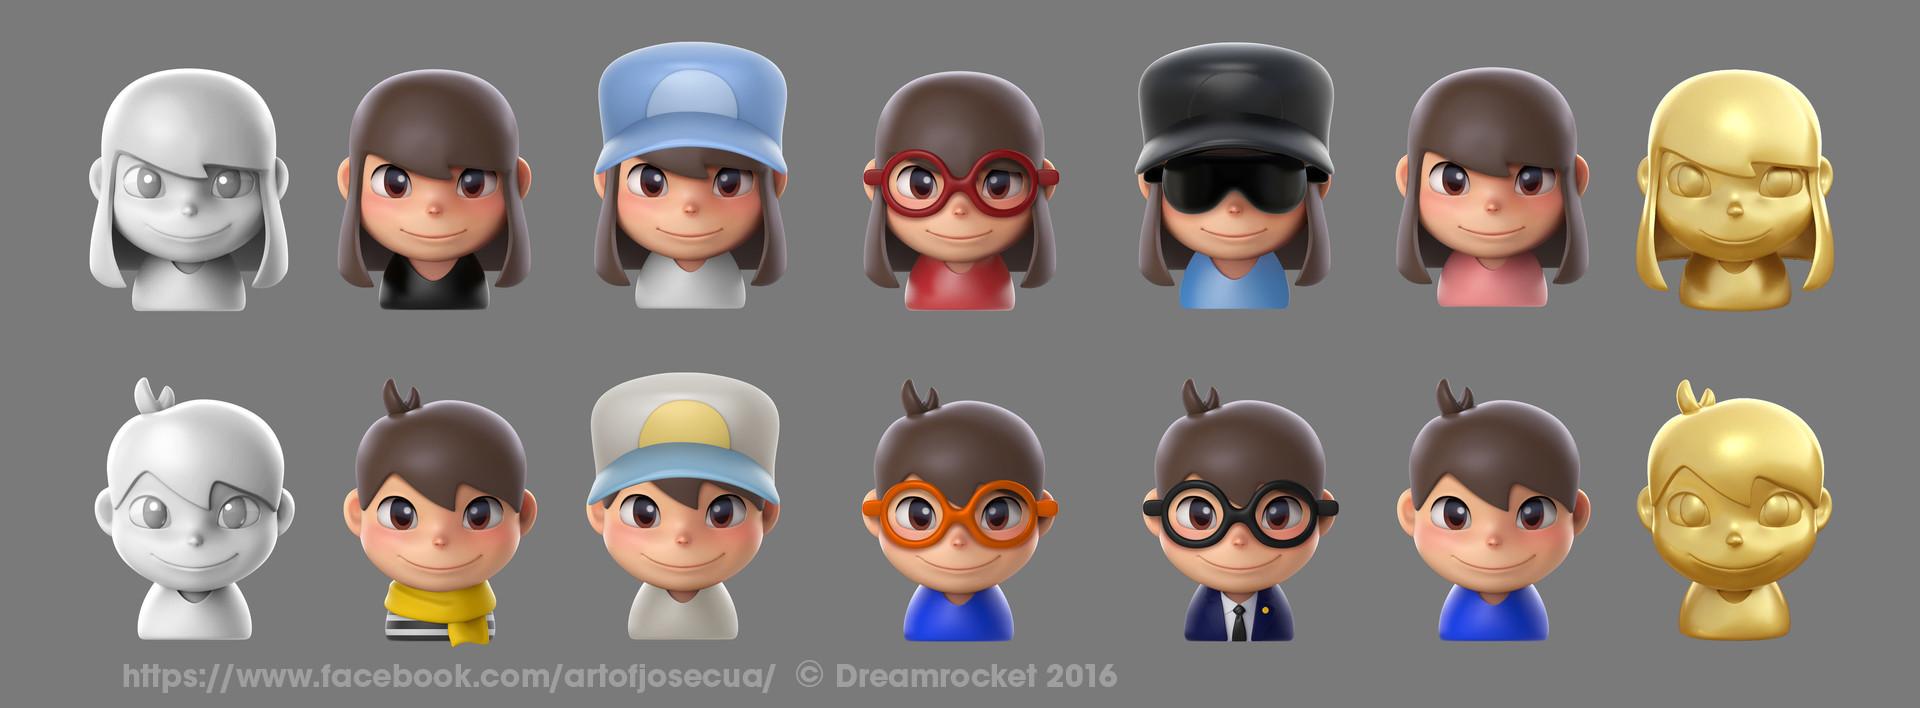 Jose cua jose cua avatar customizing 15